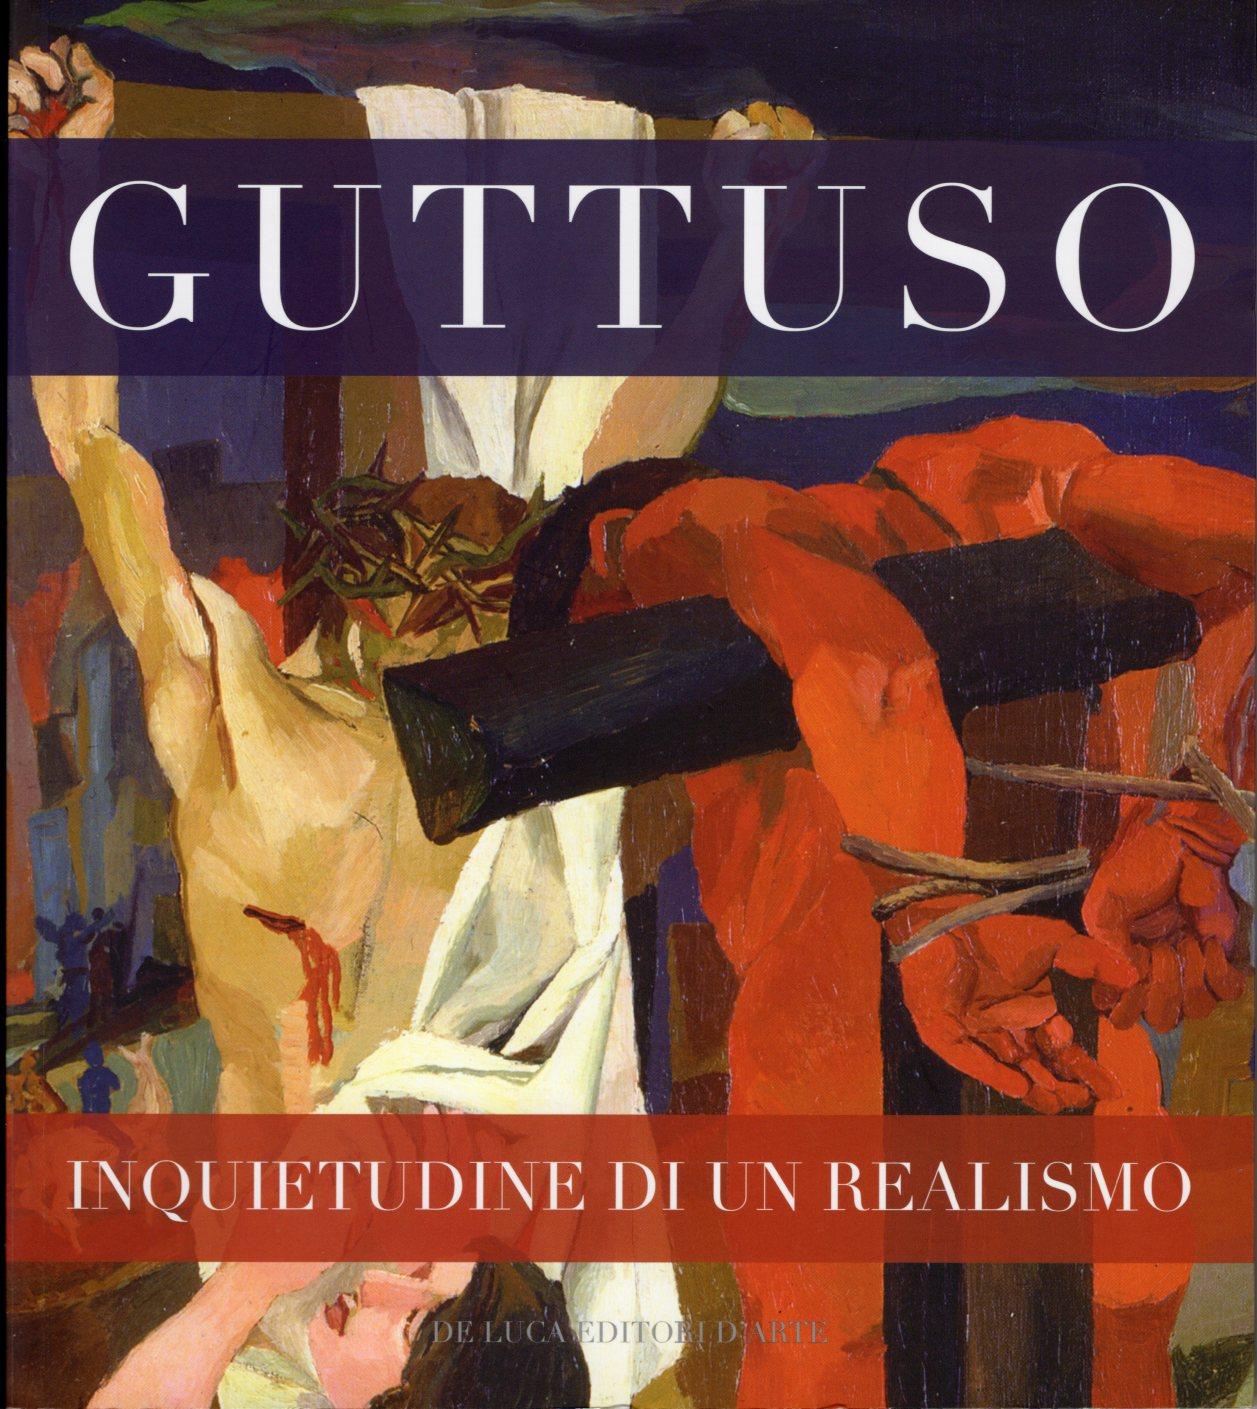 14 Guttuso inquietudine di un realismo. Palazzo del Quirinale, Roma, 2016